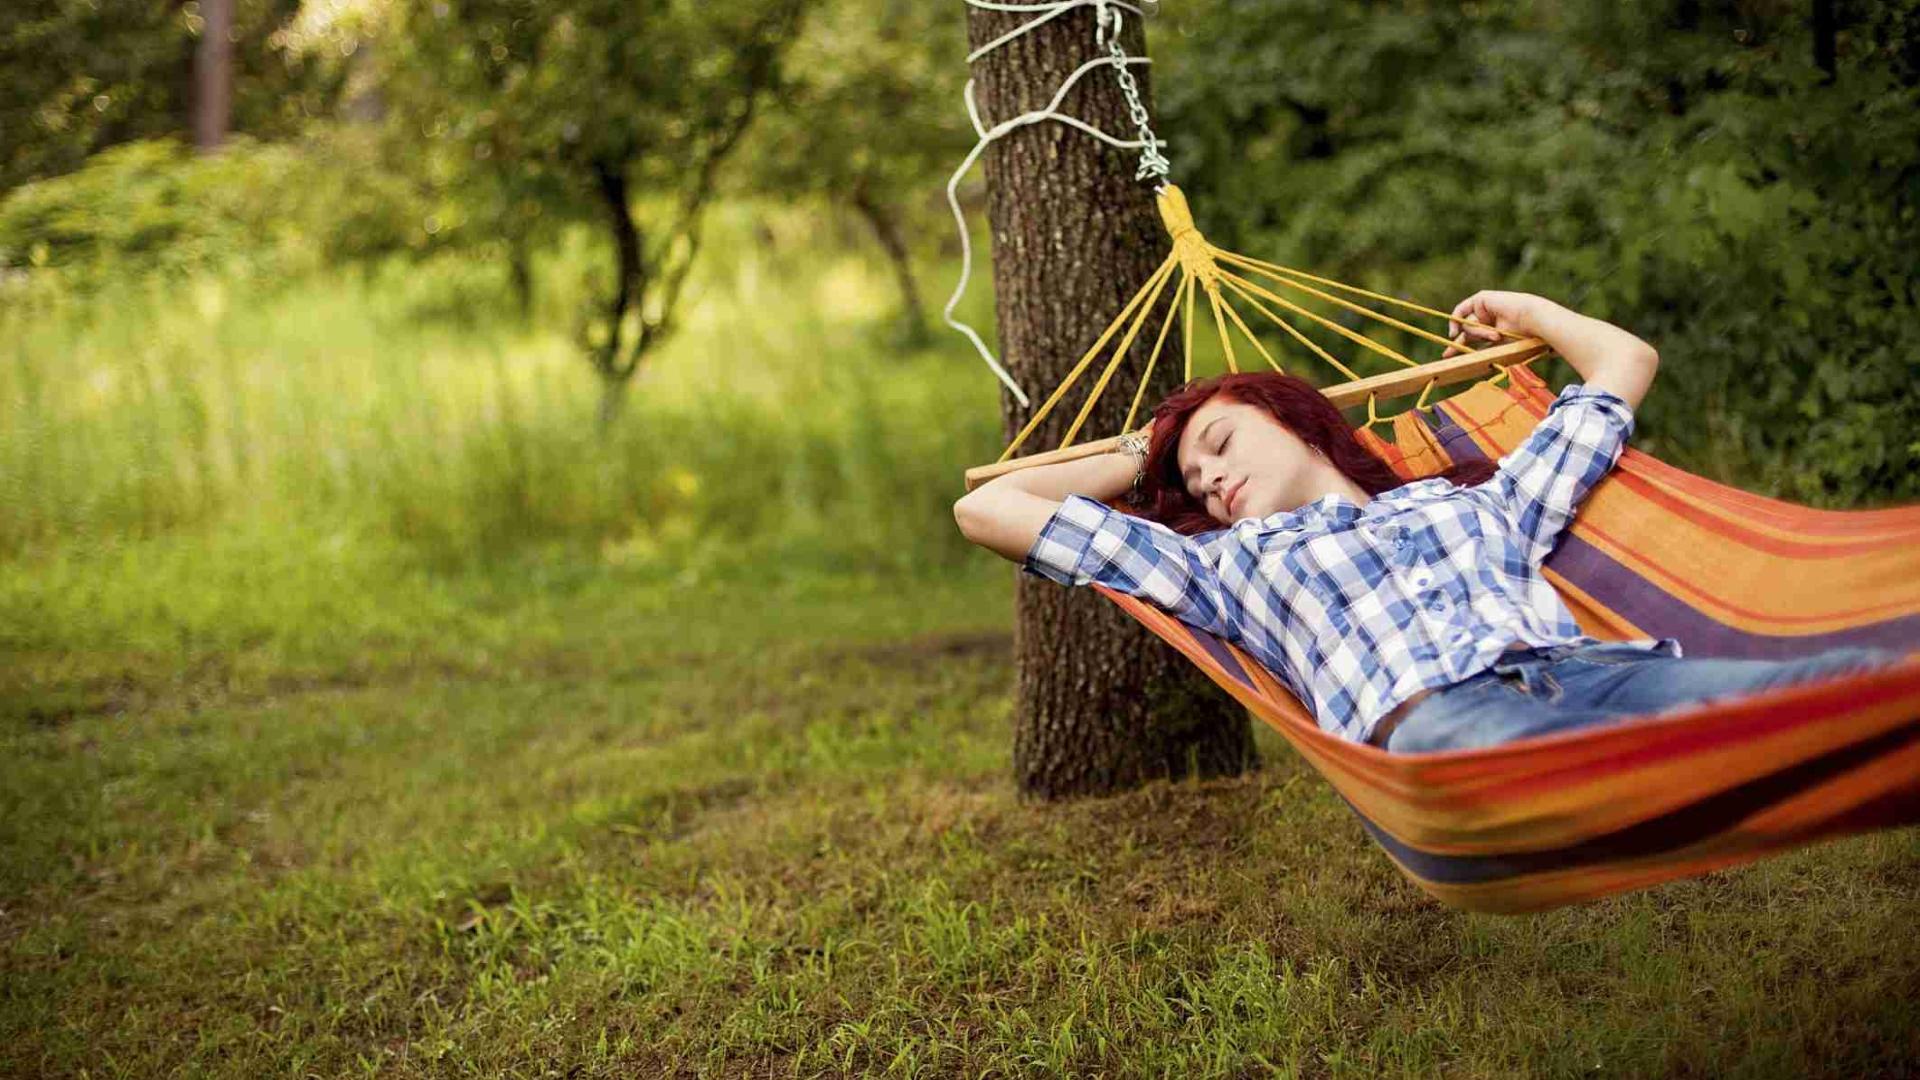 Во время сна наш мозг реагирует на сновидения, как на воспоминания